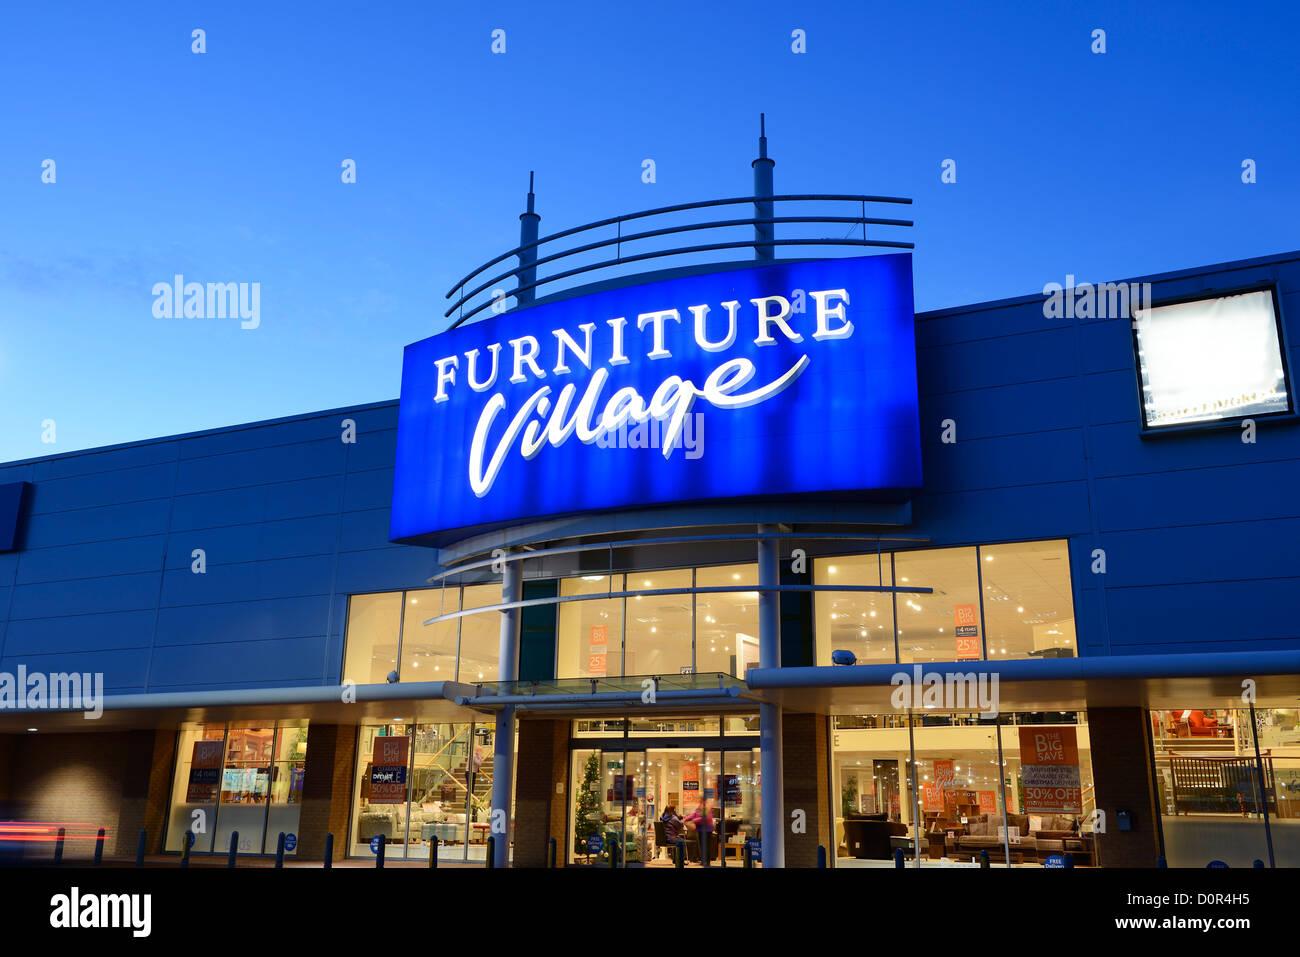 Furniture Village retail unit shop entrance - Stock Image